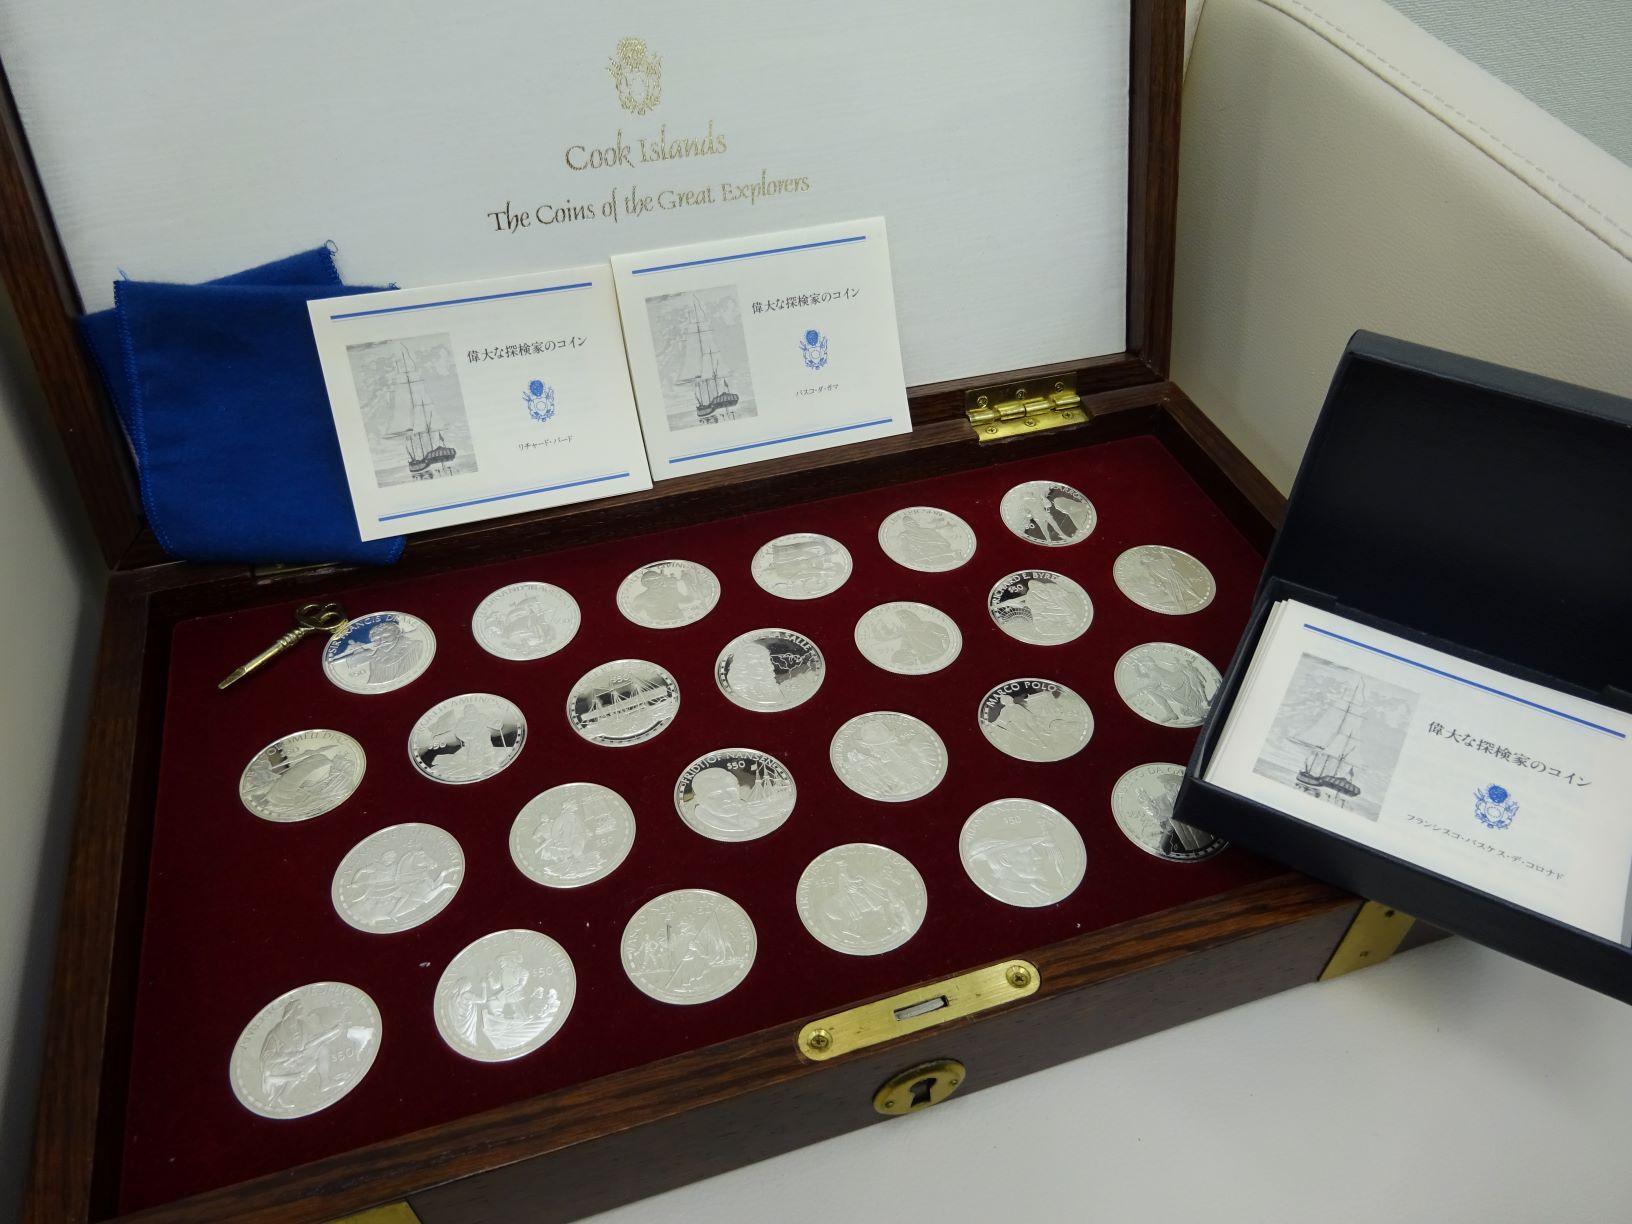 ック諸島 偉大な探検家のコイン 銀貨25枚セット